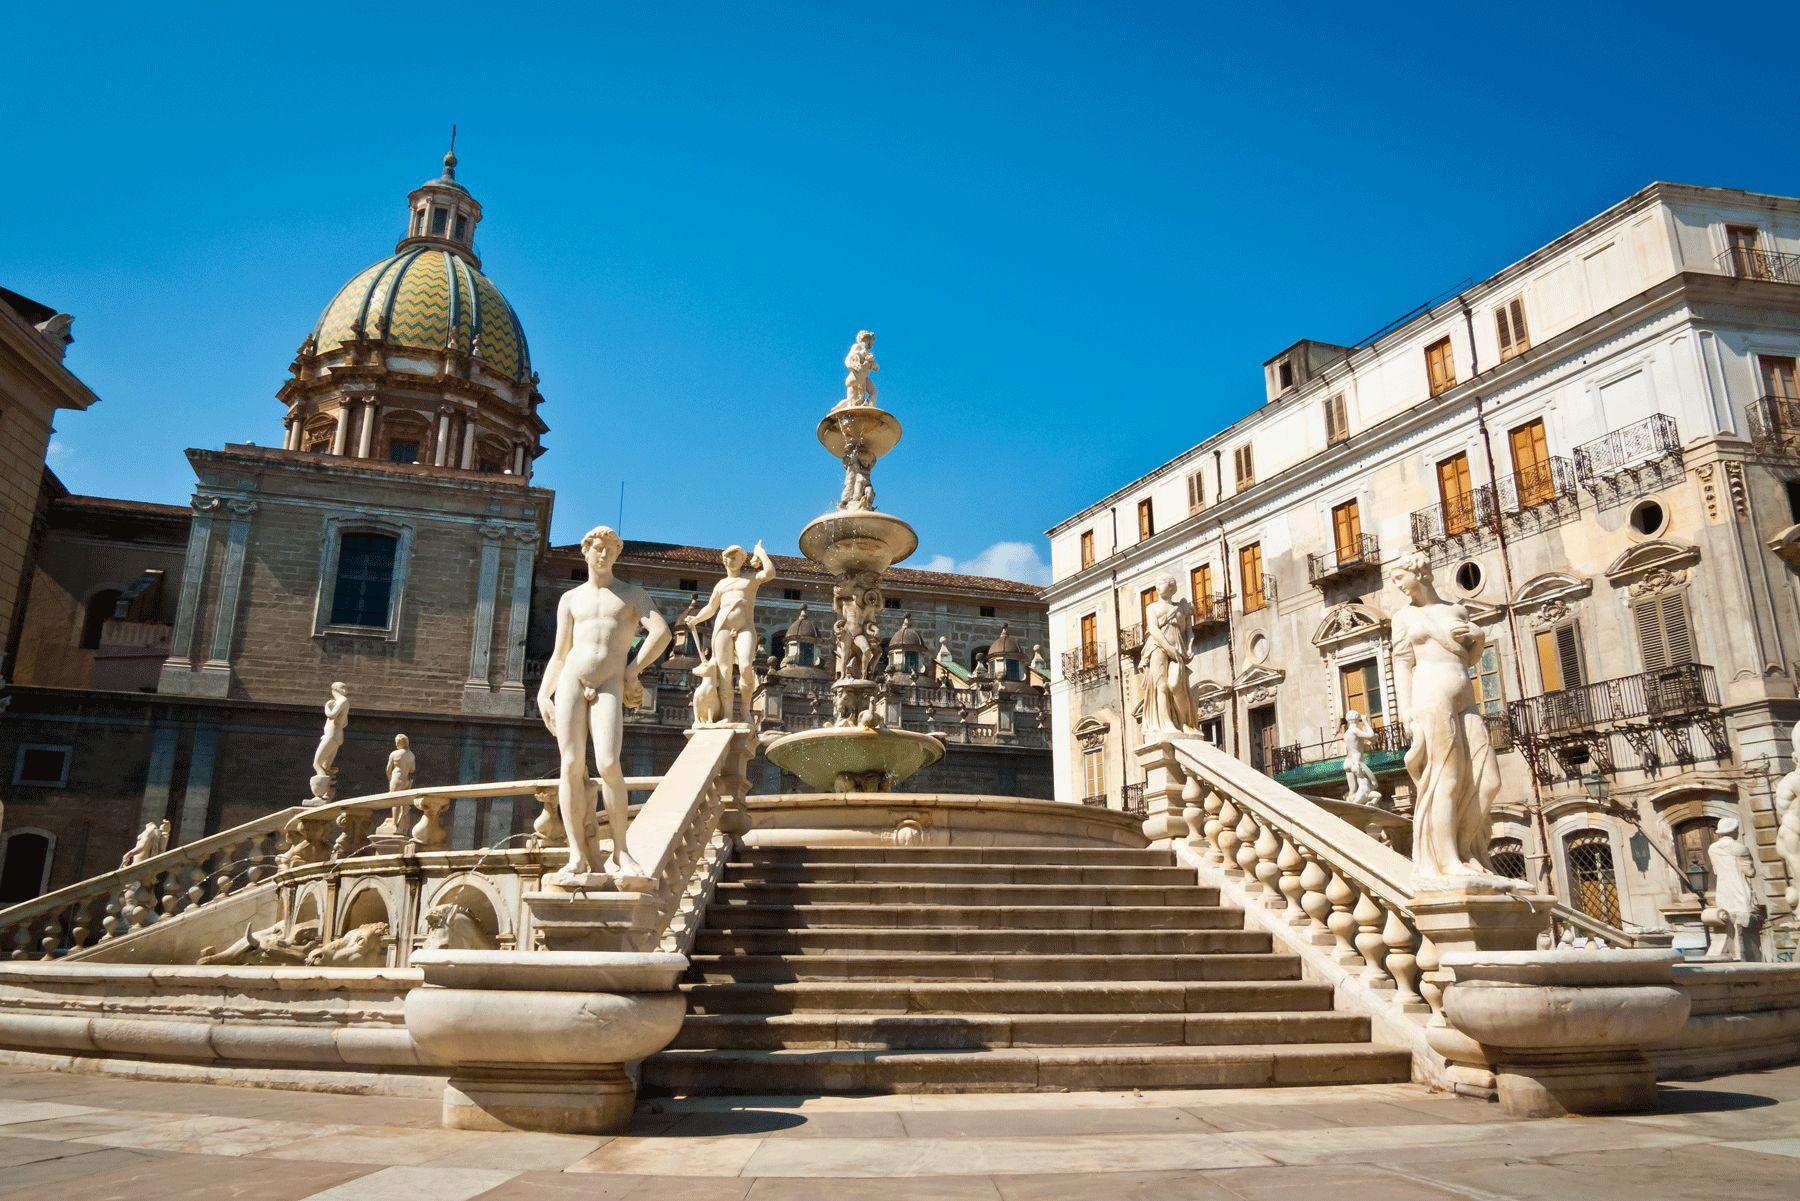 Palermo Piazza Pretoria iStock529371587 web 01